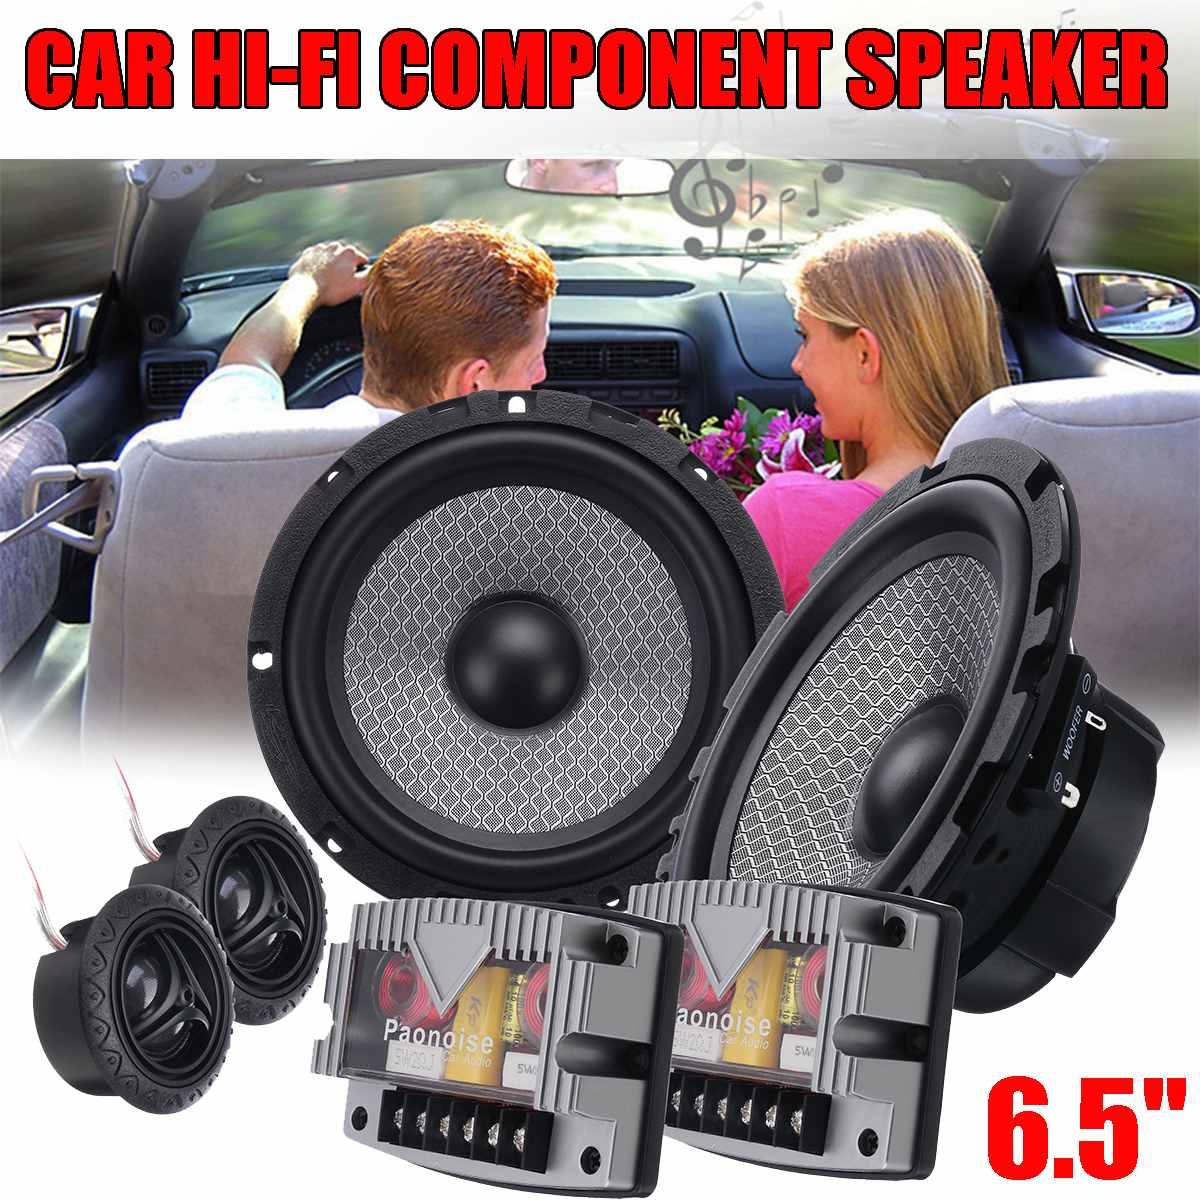 Haute température résistant Anti-oxydation voiture bidirectionnelle Audio haute fidélité composant haut-parleur système 6.5 pouces 400W Tweeter